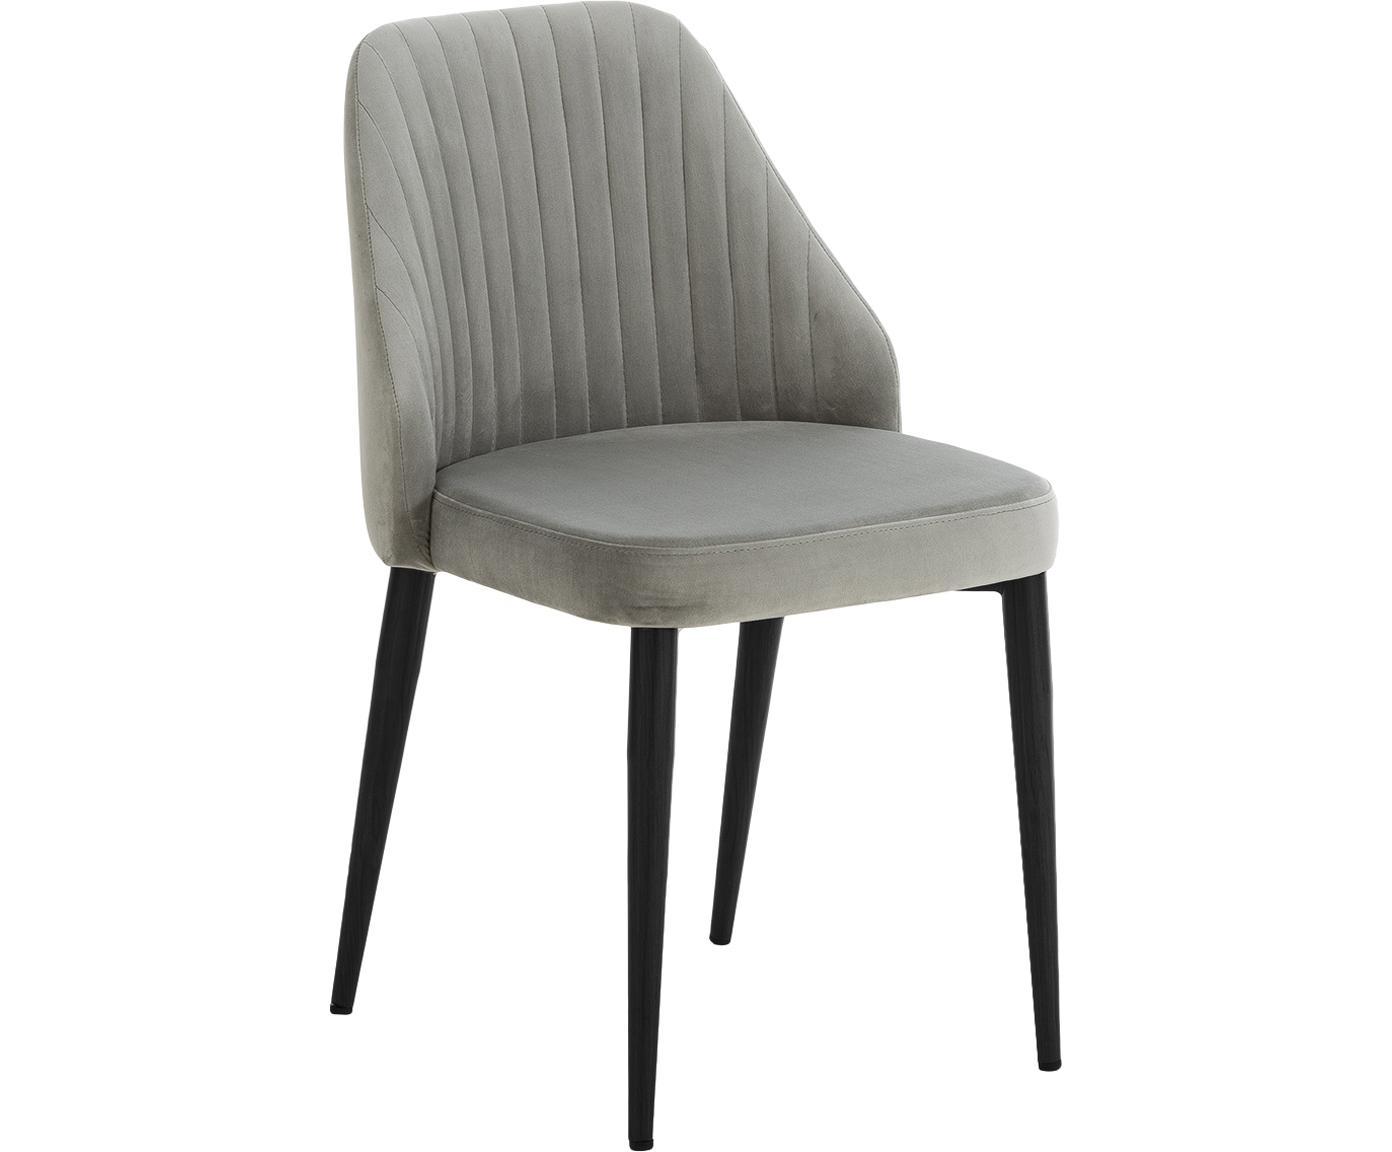 Fluweel gestoffeerde stoelen Lucie, 2 stuks, Bekleding: fluweel (100% polyester), Poten: metaal in walnoothout loo, Grijs, B 45  x D 57 cm